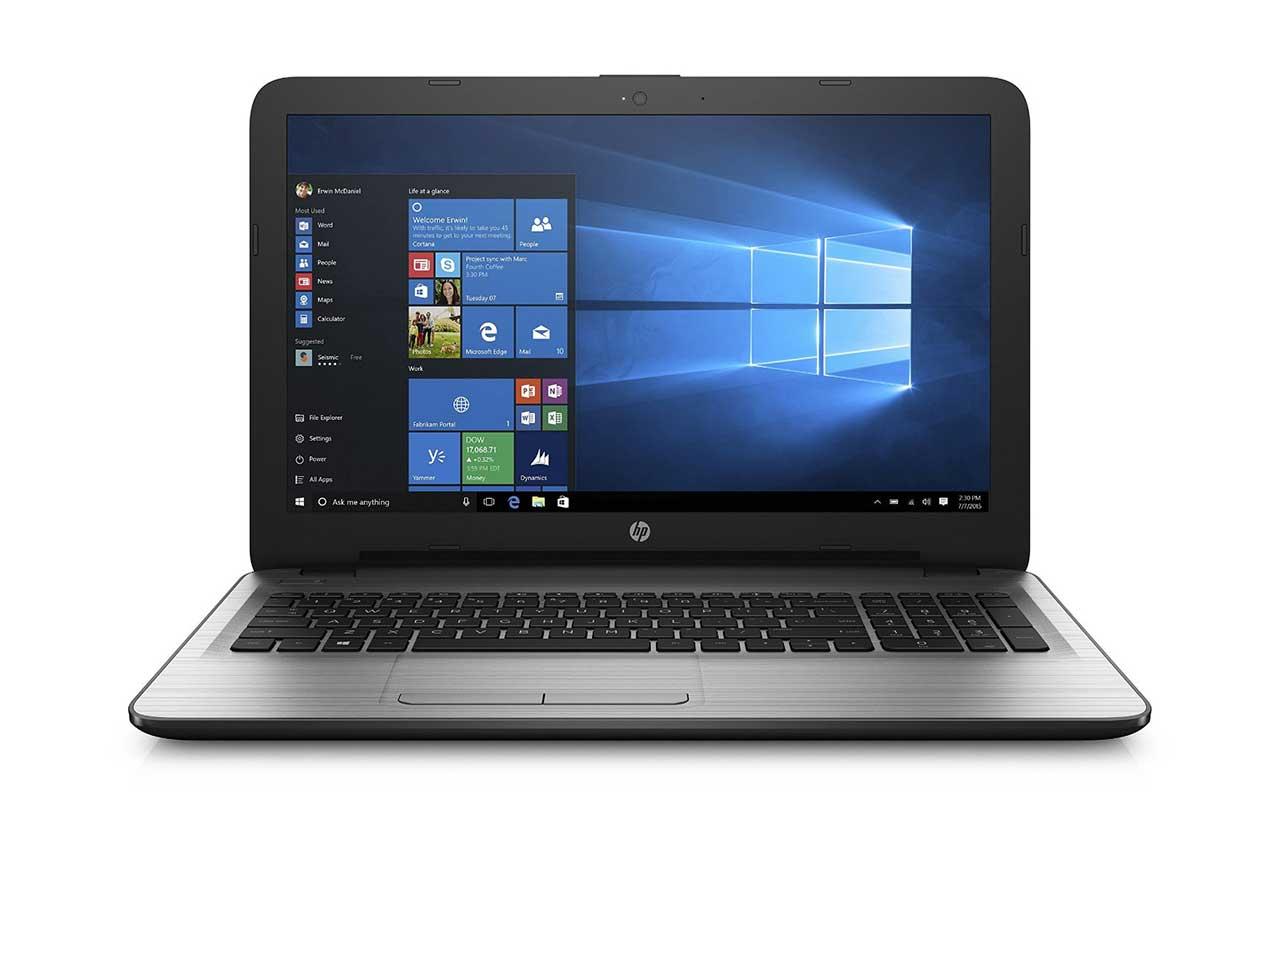 HP 15-ay018nr 15.6-Inch Laptop